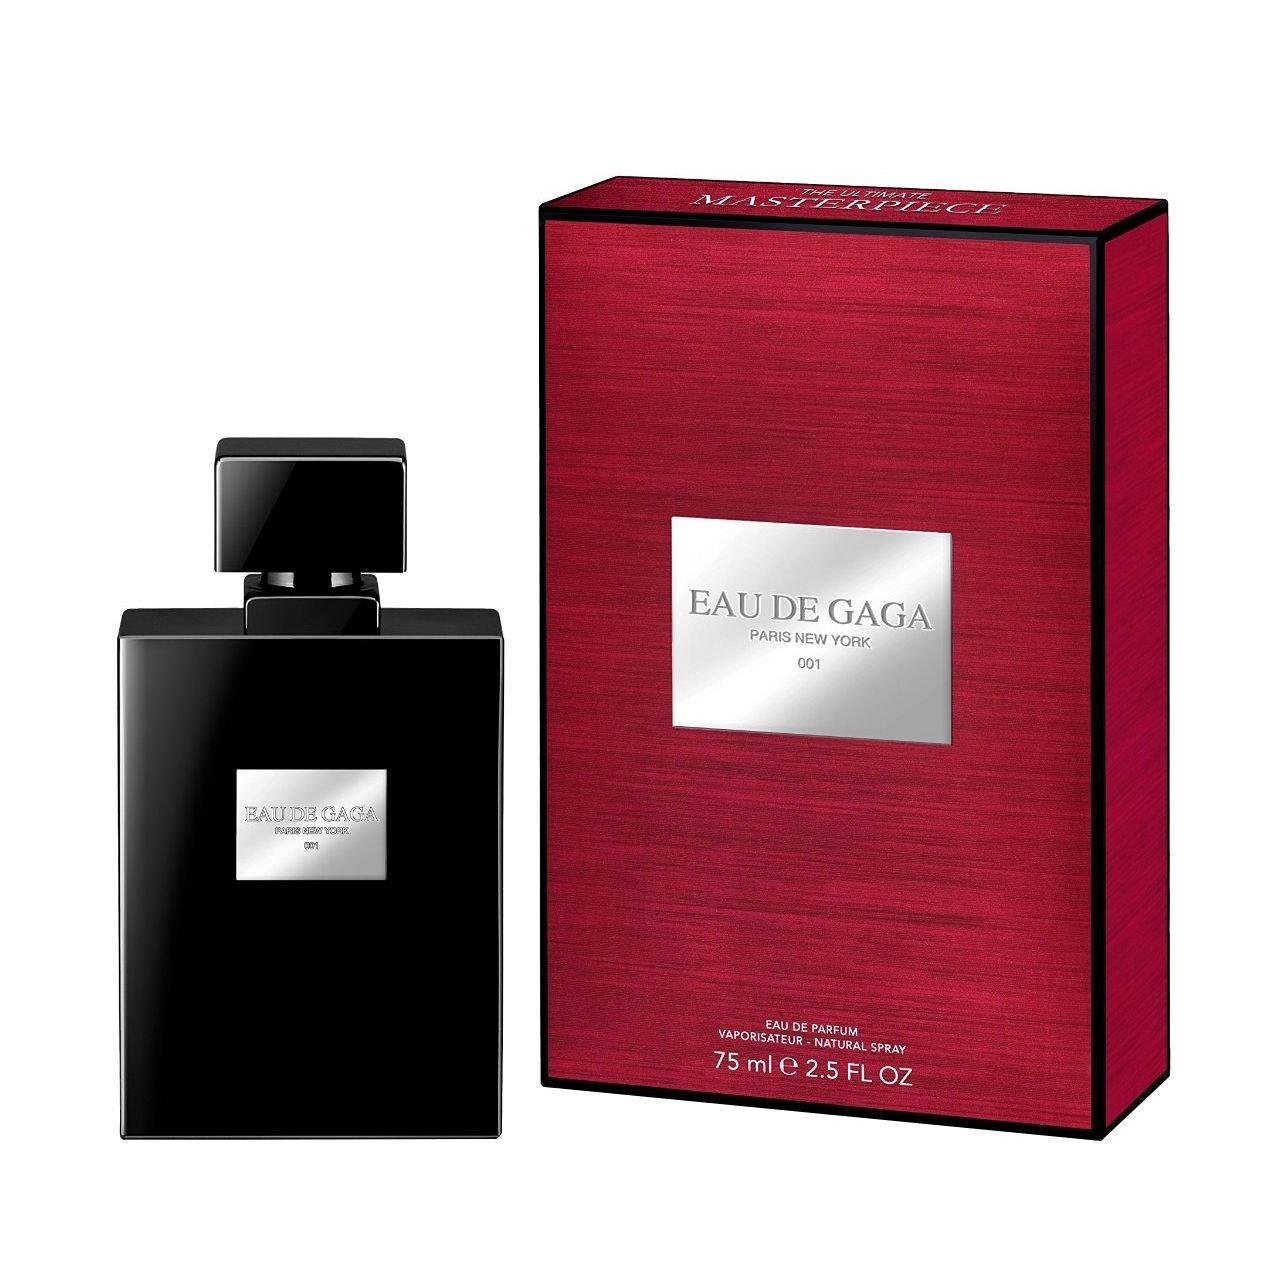 Lady Gaga Eau de Parfum Spray, 2.5 Fluid Ounce by Lady Gaga